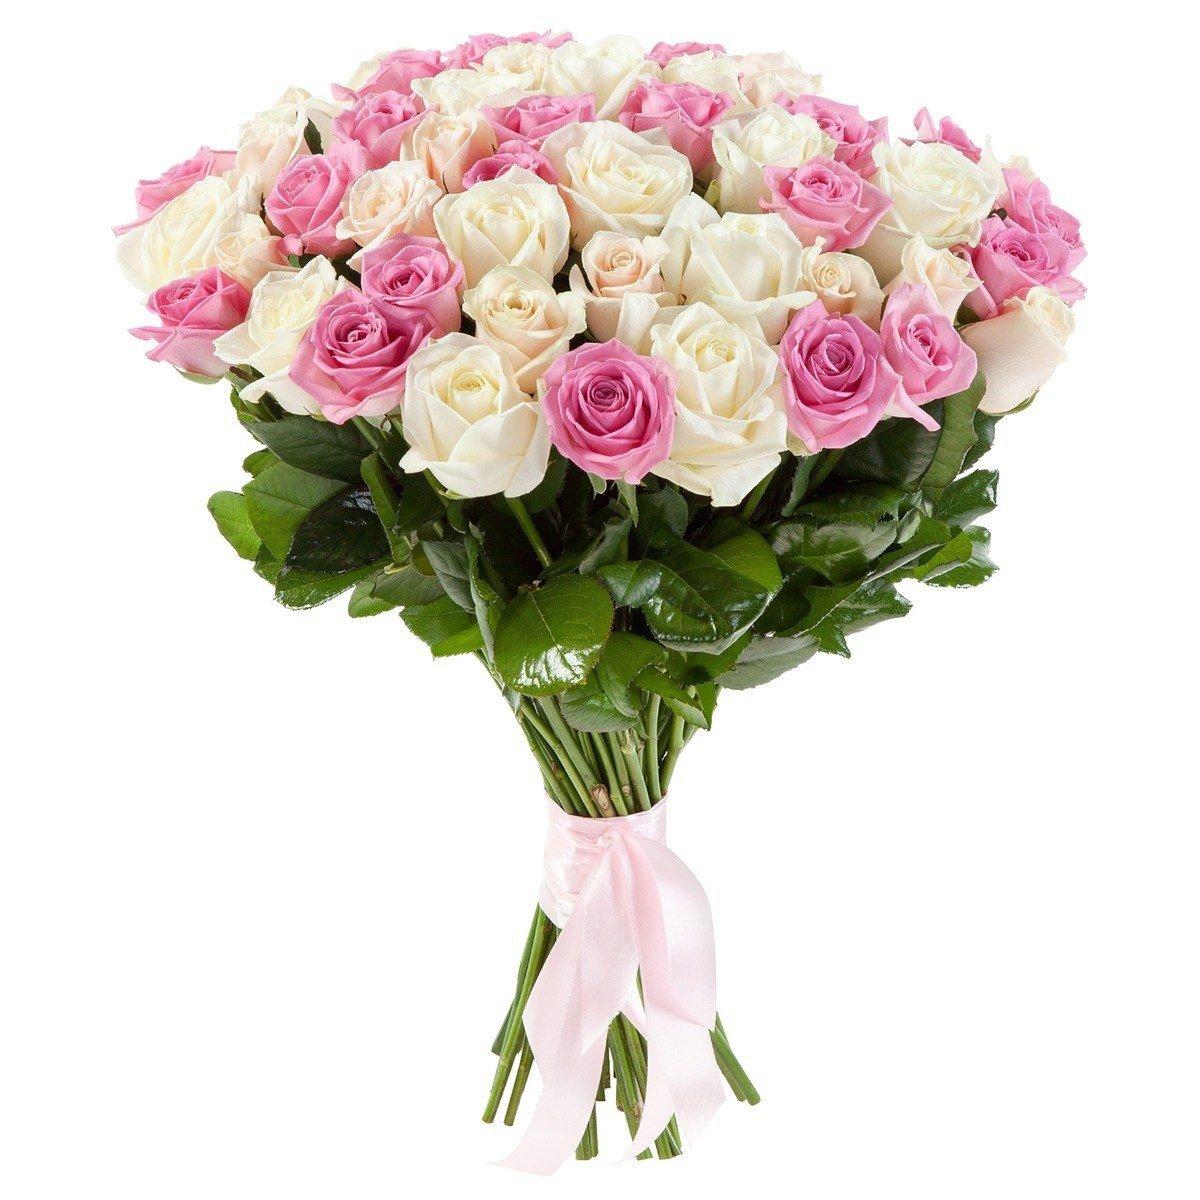 Купить букет роз в запорожье украина, бутоньерка фрезий роз